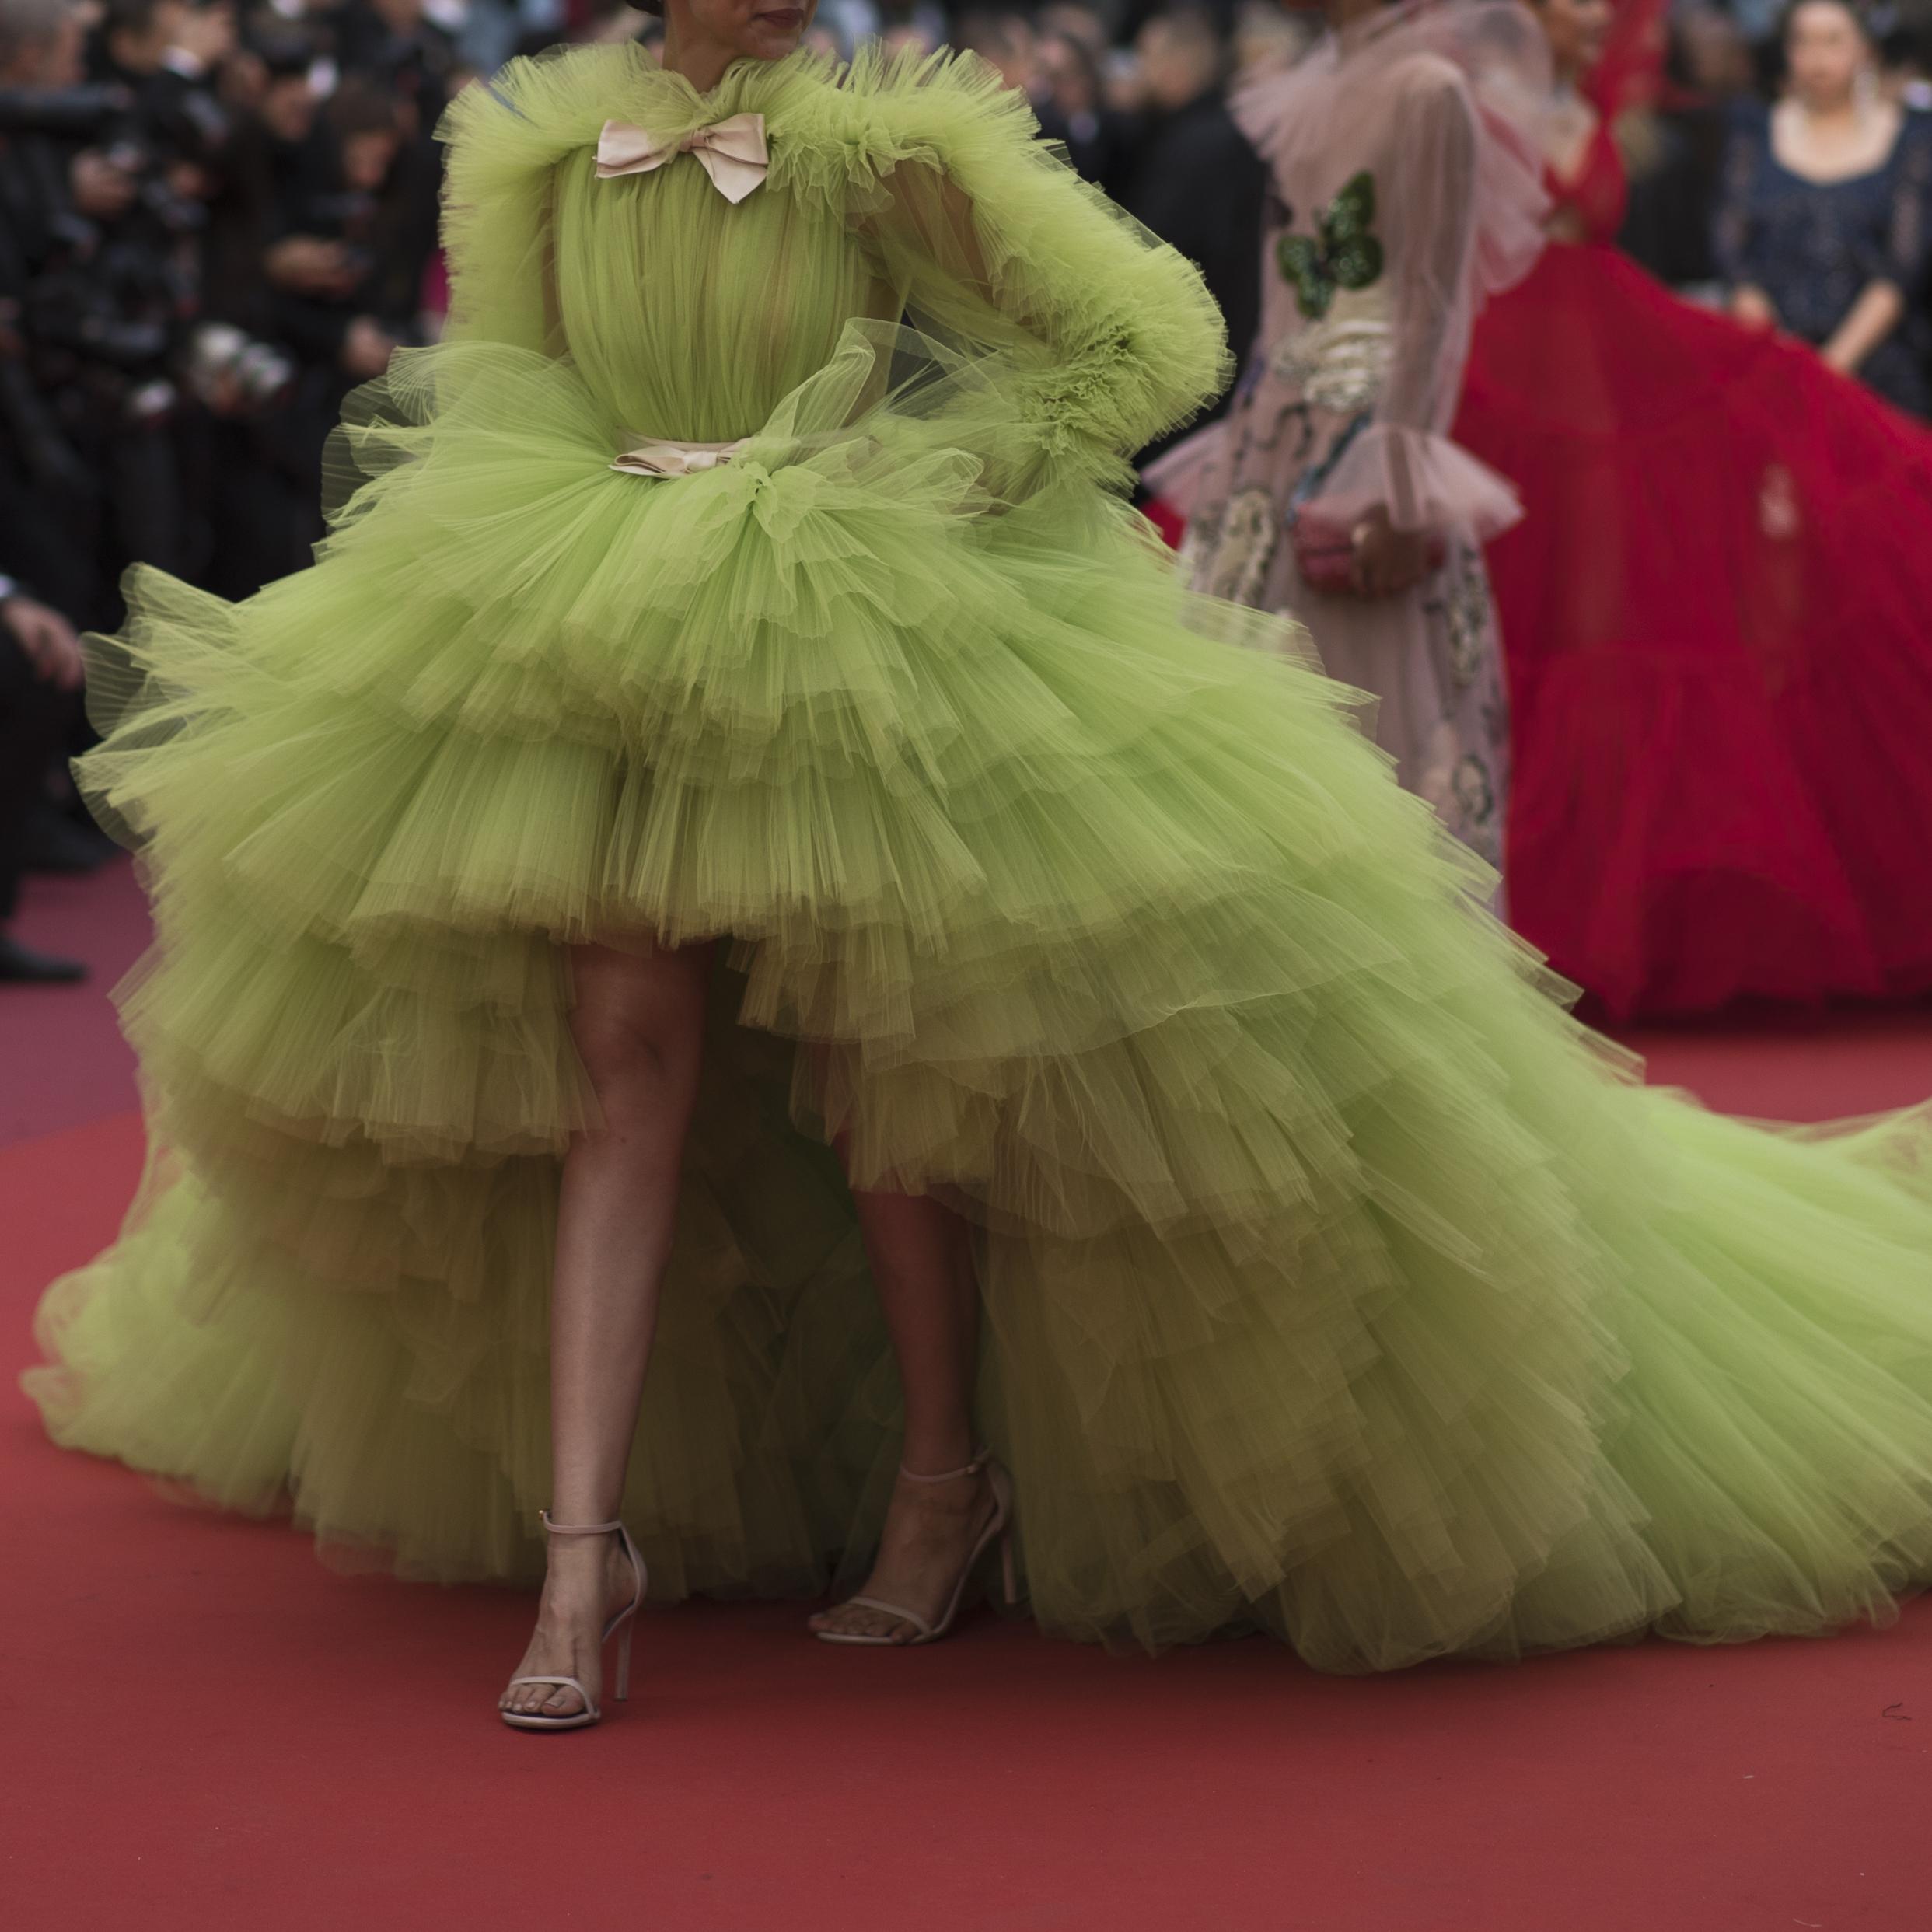 """La actriz Deepika Padukon llega al estreno de """"Dolor y gloria"""" en el Festival de Cine de Cannes, luciendo una amplia falda asimétrica en tul. (Foto: AP/Petros Giannakouris)"""